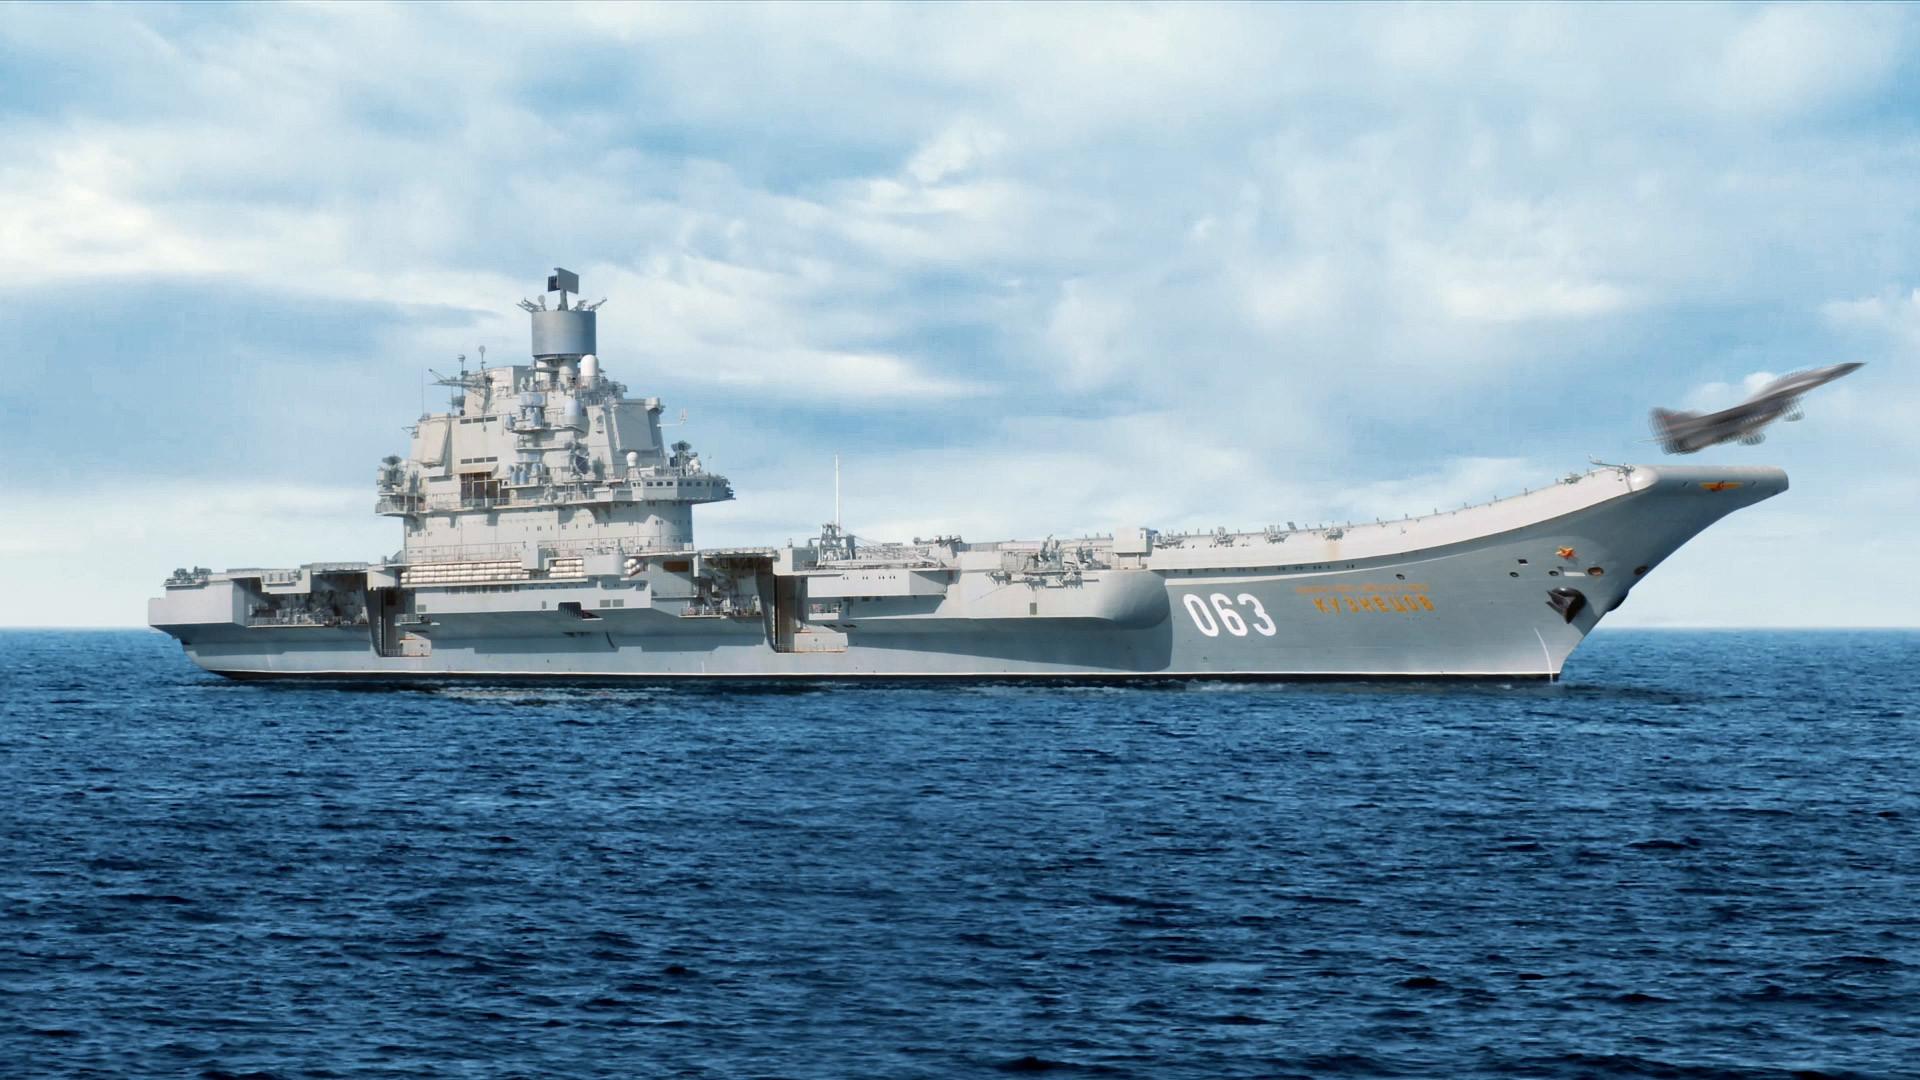 ручка российский авианосец адмирал кузнецов фото наушниках очках